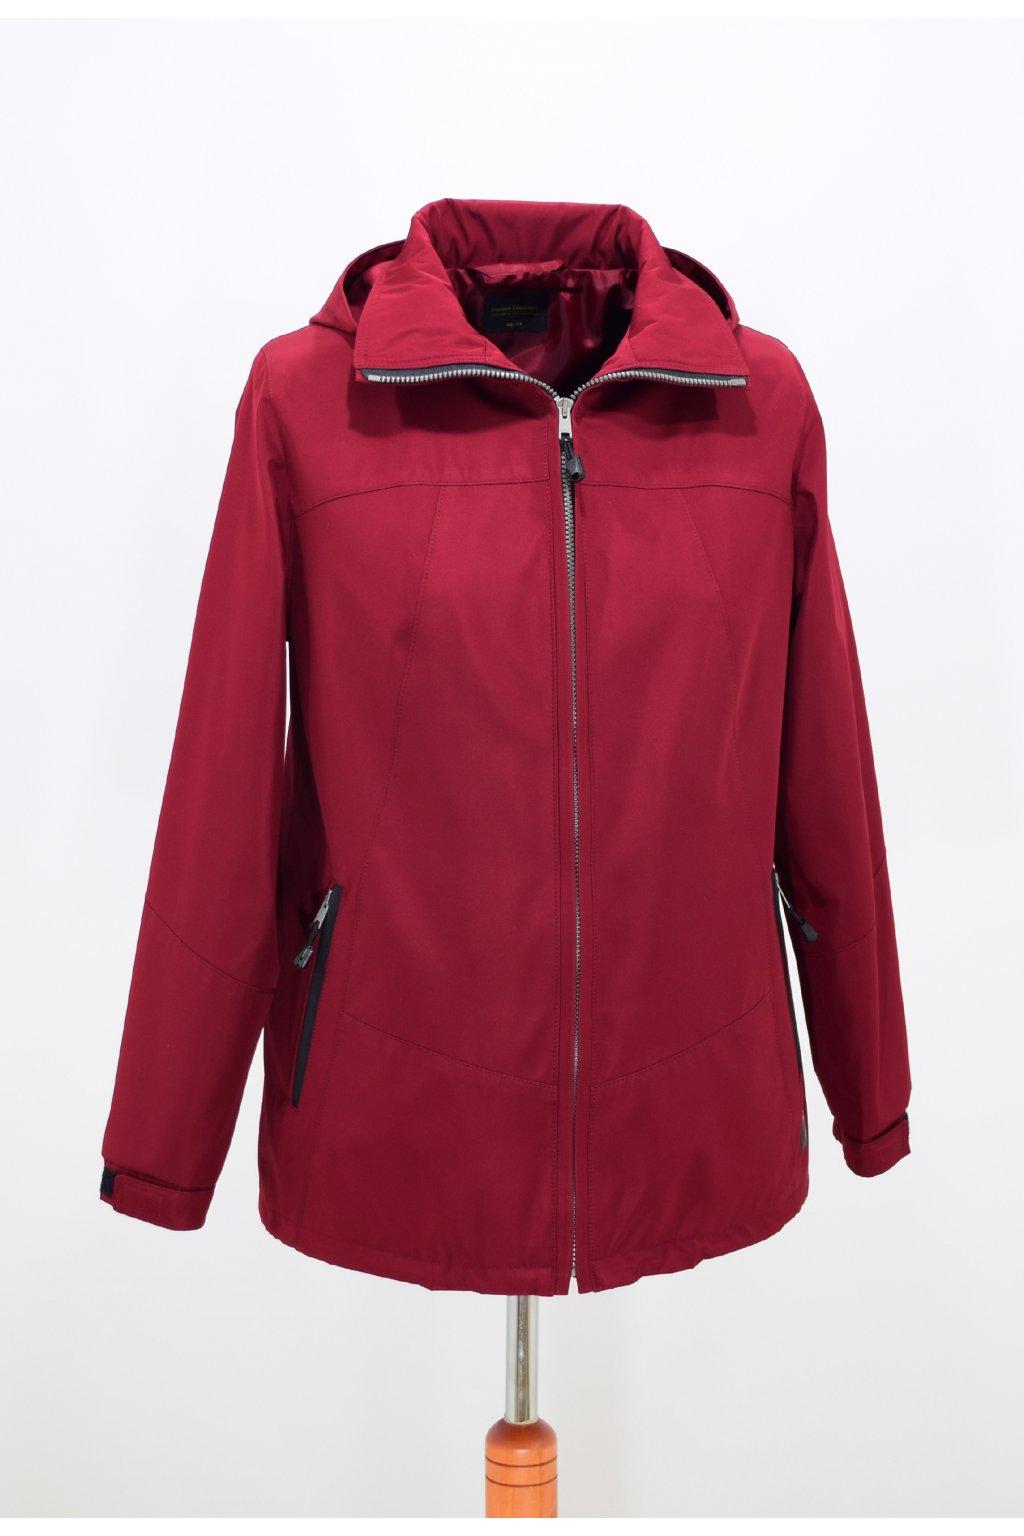 Dámská jarní vínová bunda Angela nadměrné velikosti.